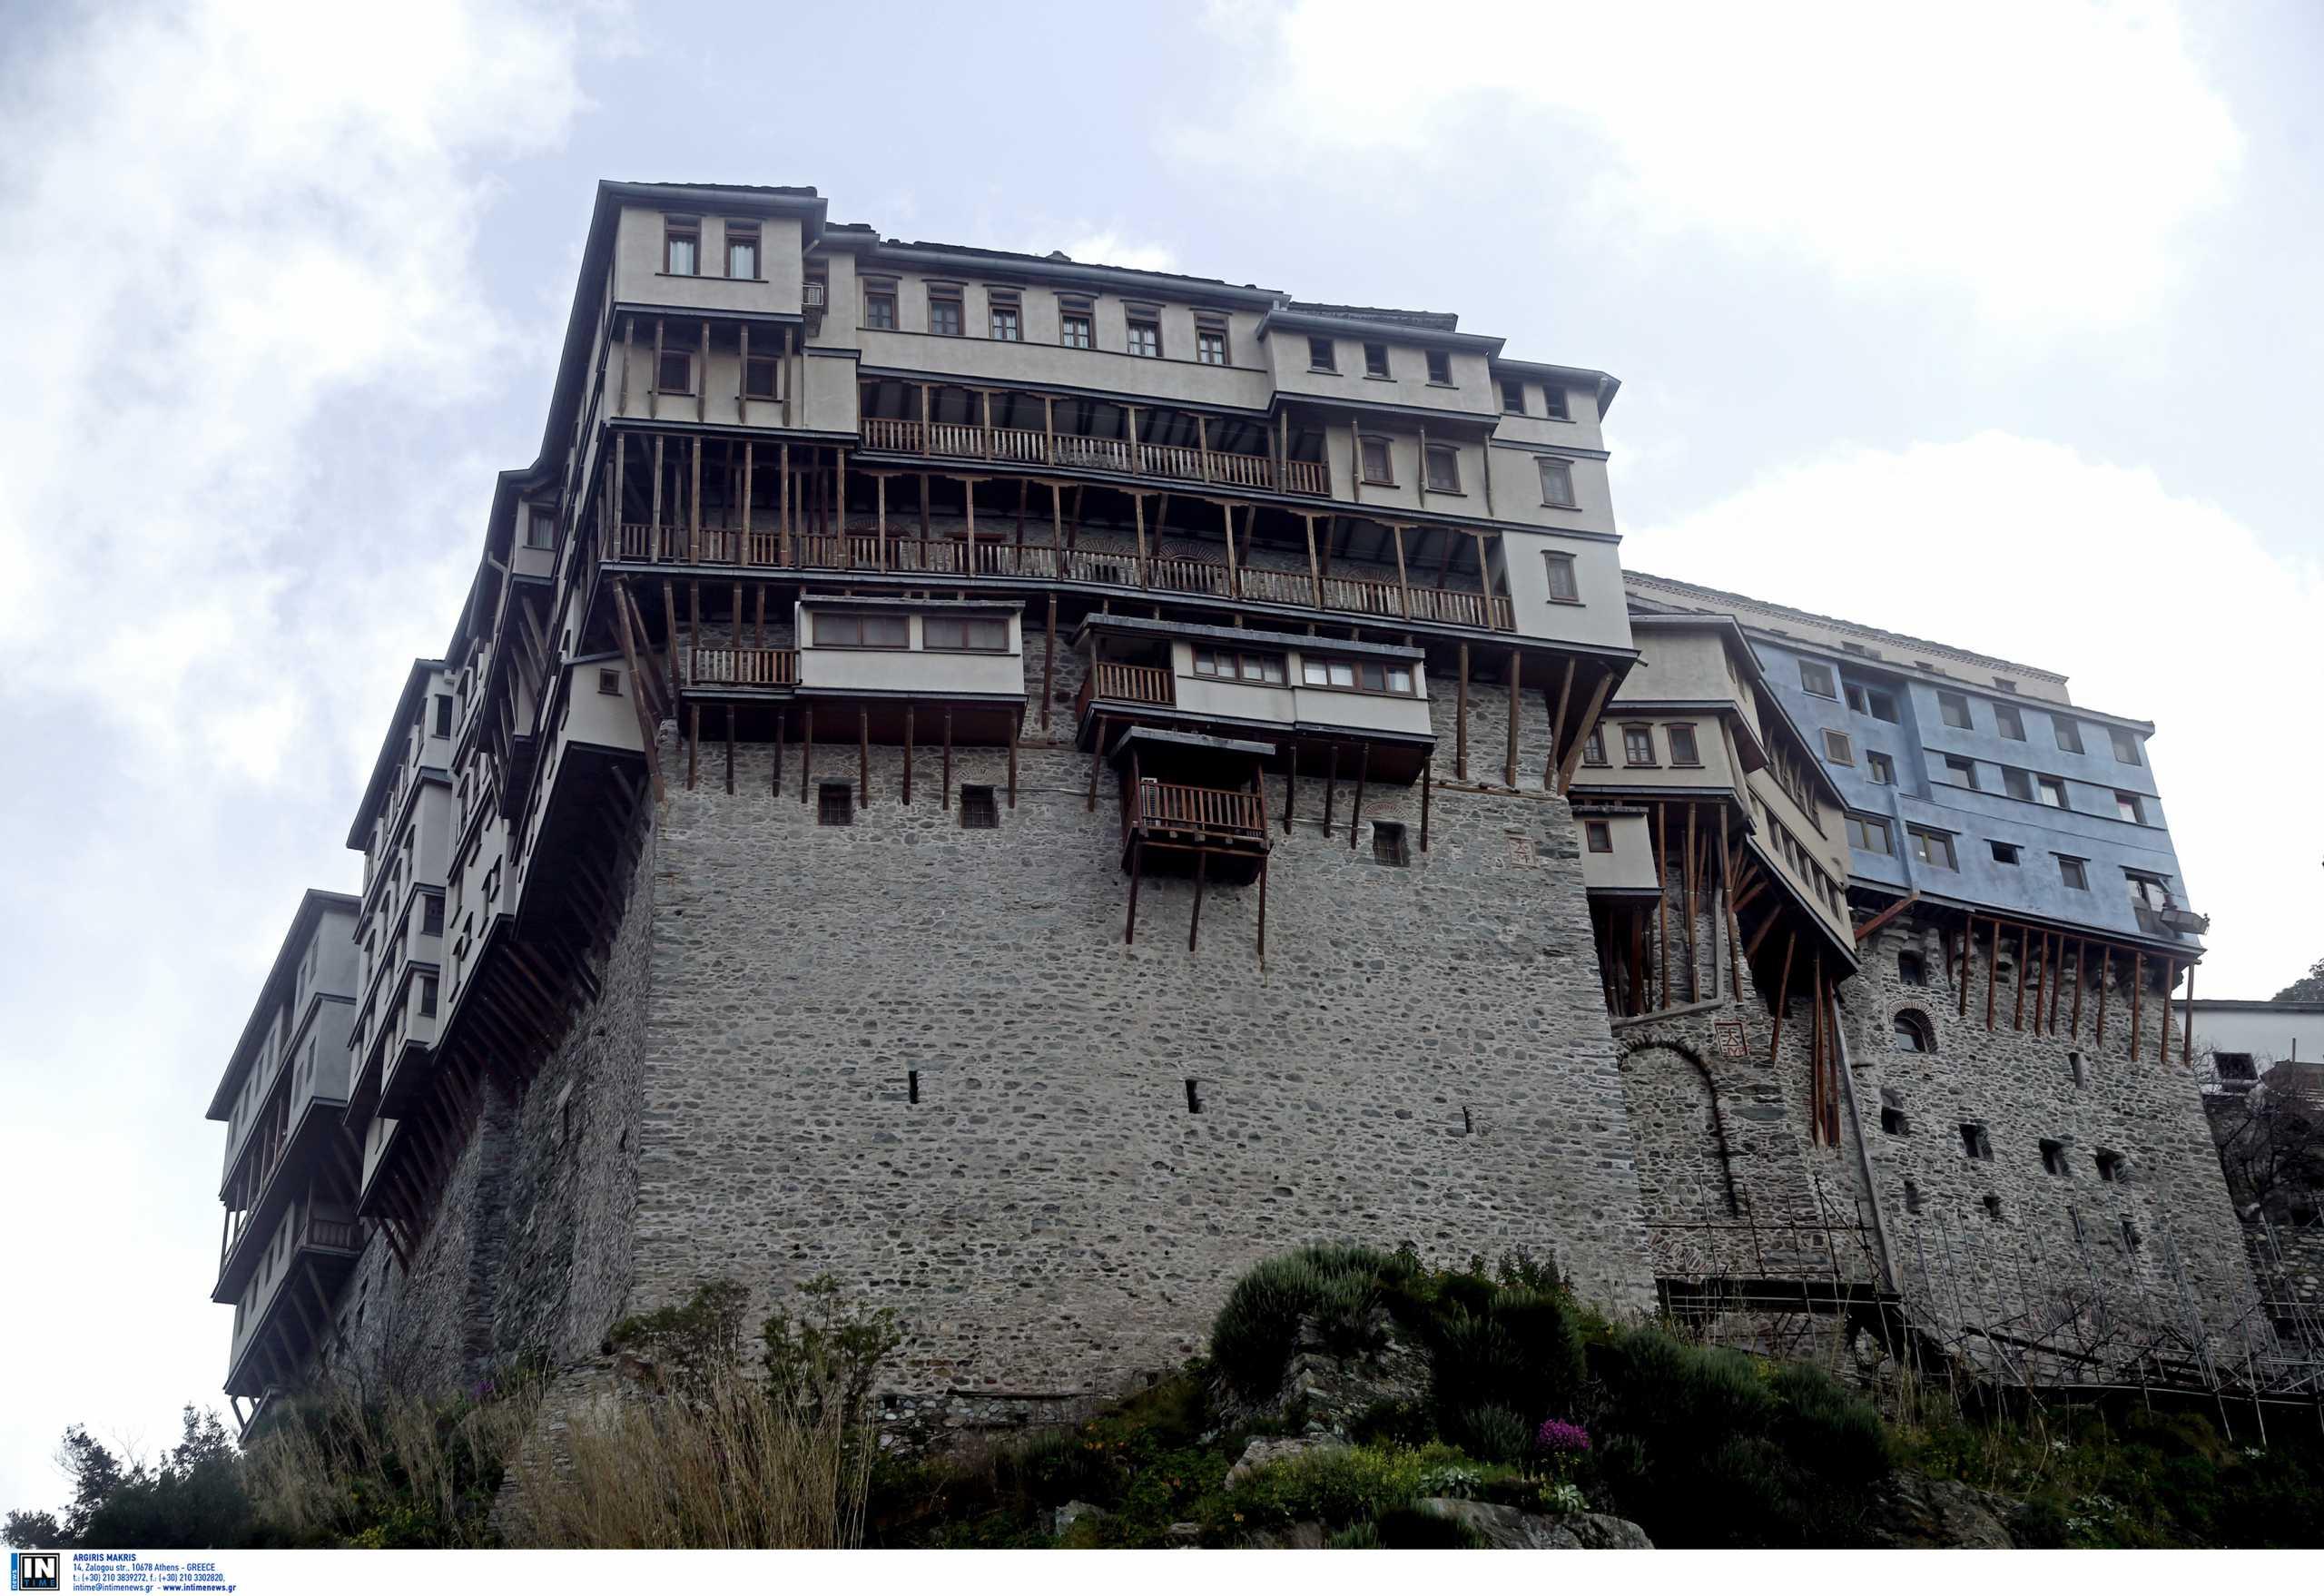 Κορονοϊός: Έξι μονές στο Άγιο Όρος σε καραντίνα – Νεκρός ένας μοναχός